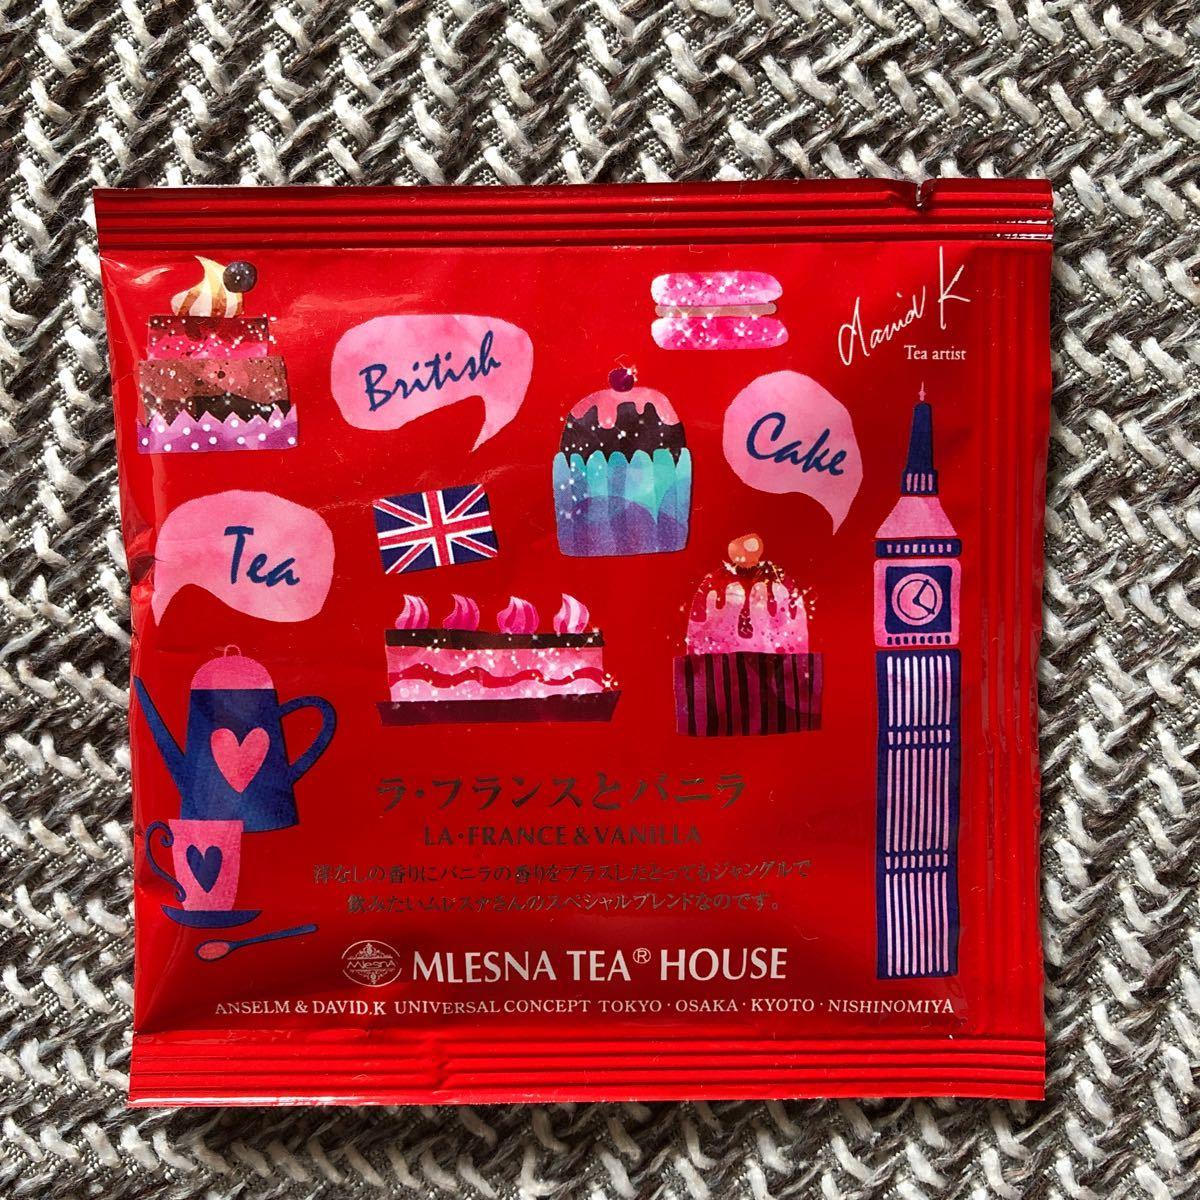 紅茶 (ティーバッグ) 2点セット